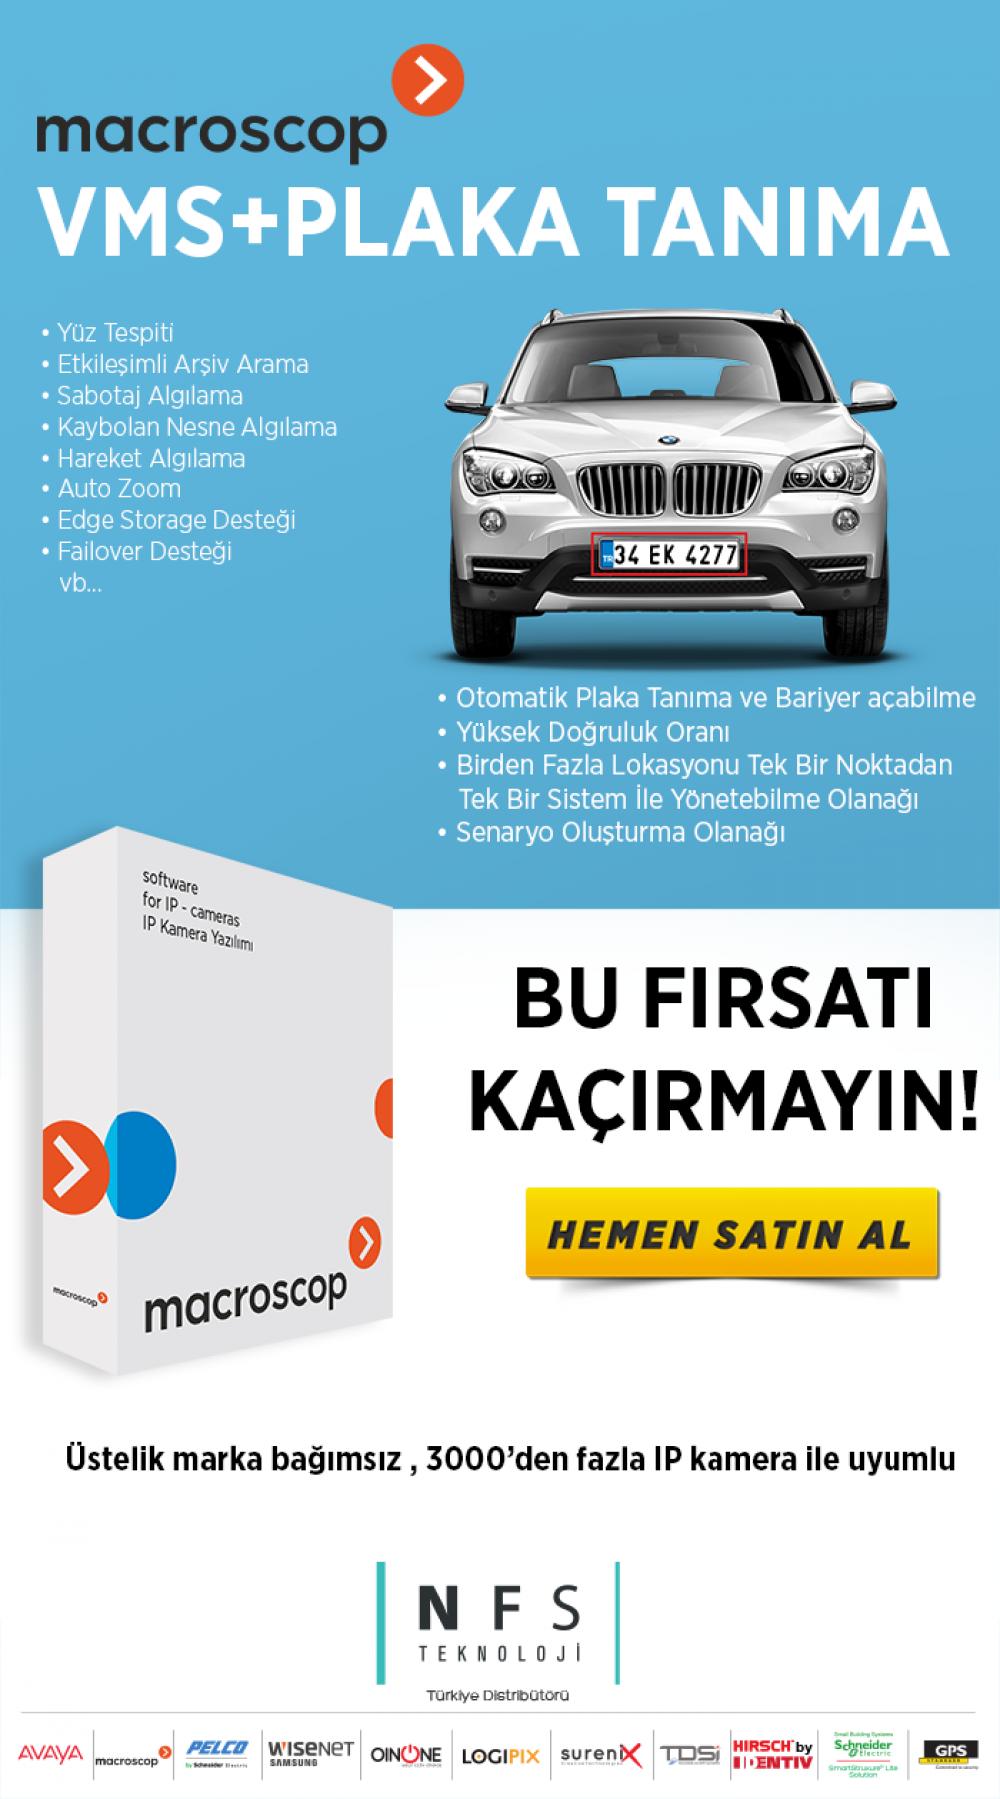 Macroscop VMS Yazılımı + Plaka Tanıma